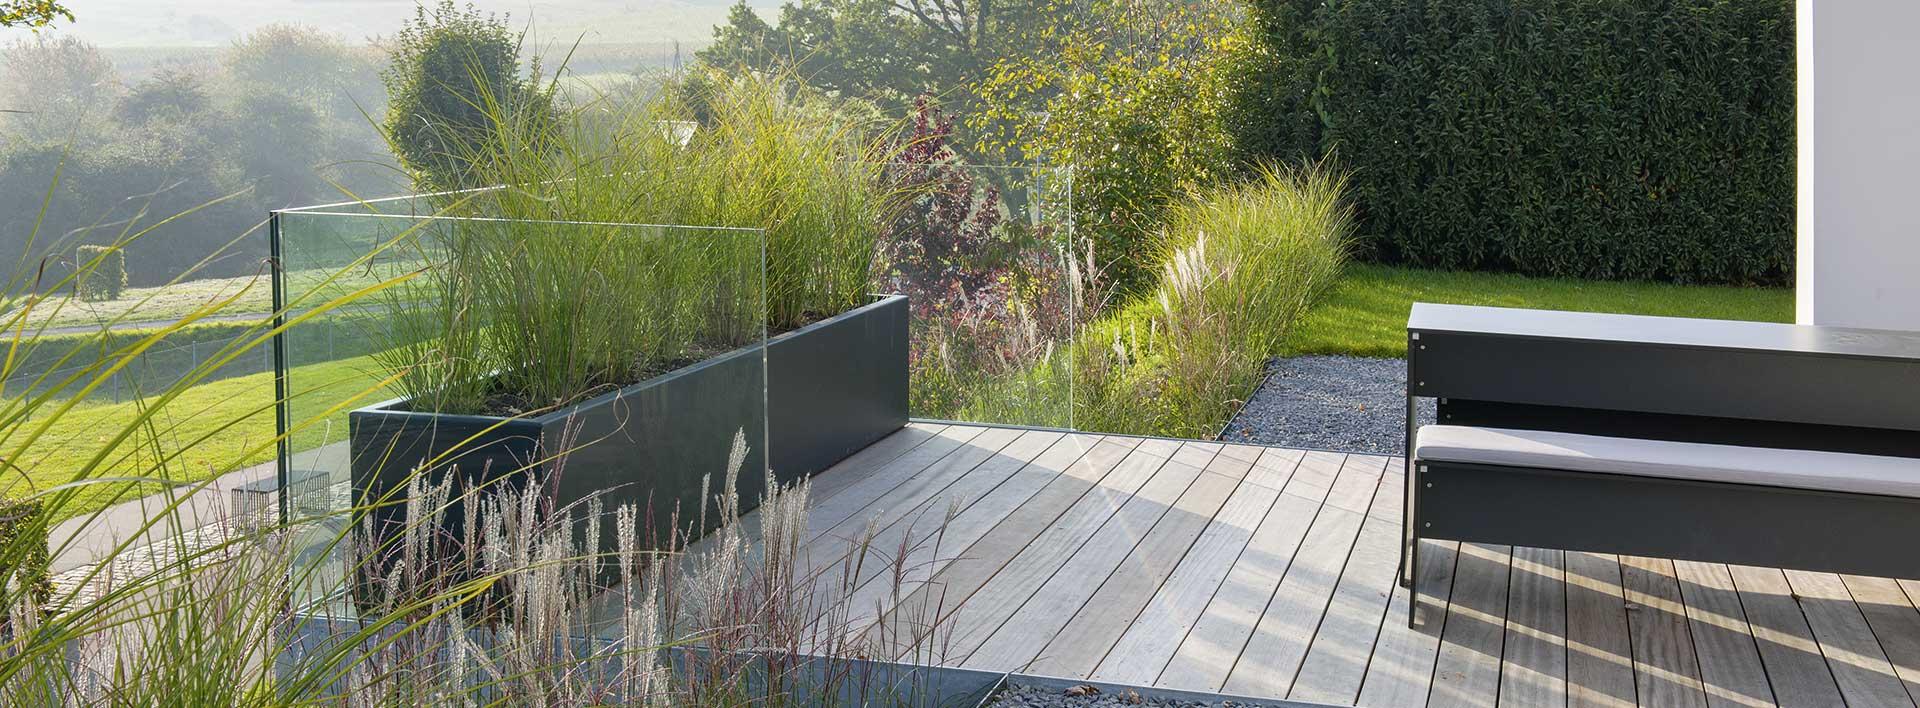 Bild einer modernen Terrasse mit Holzbalken vor frischem Garten